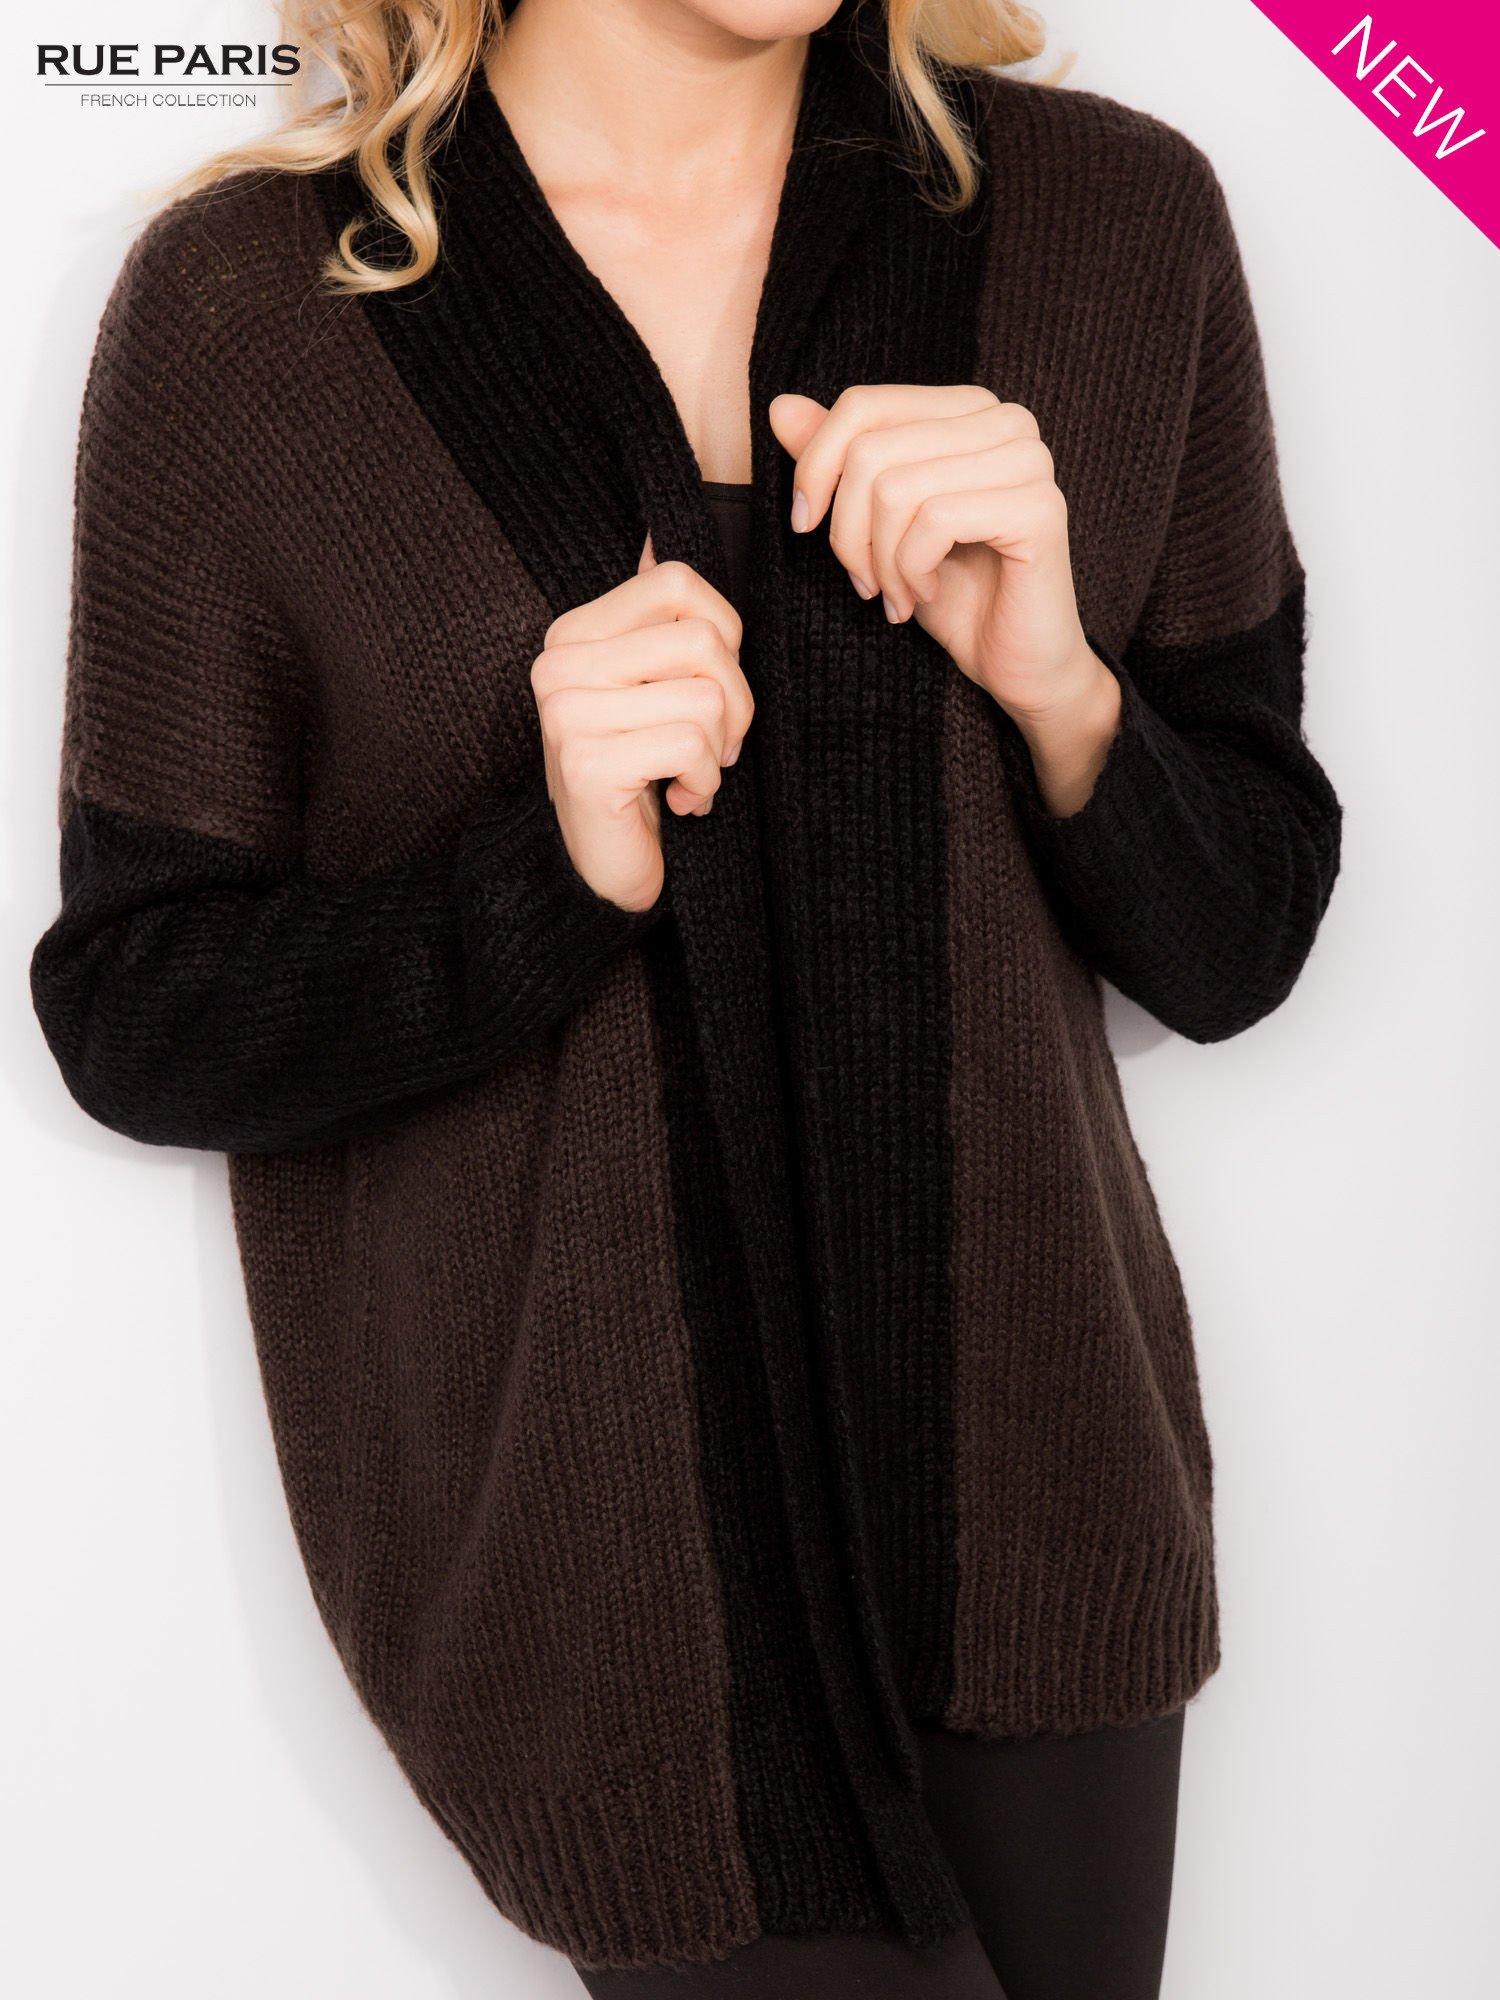 Ciemnobrązowy sweter z kontrastowym pasem i rękawami                                  zdj.                                  3